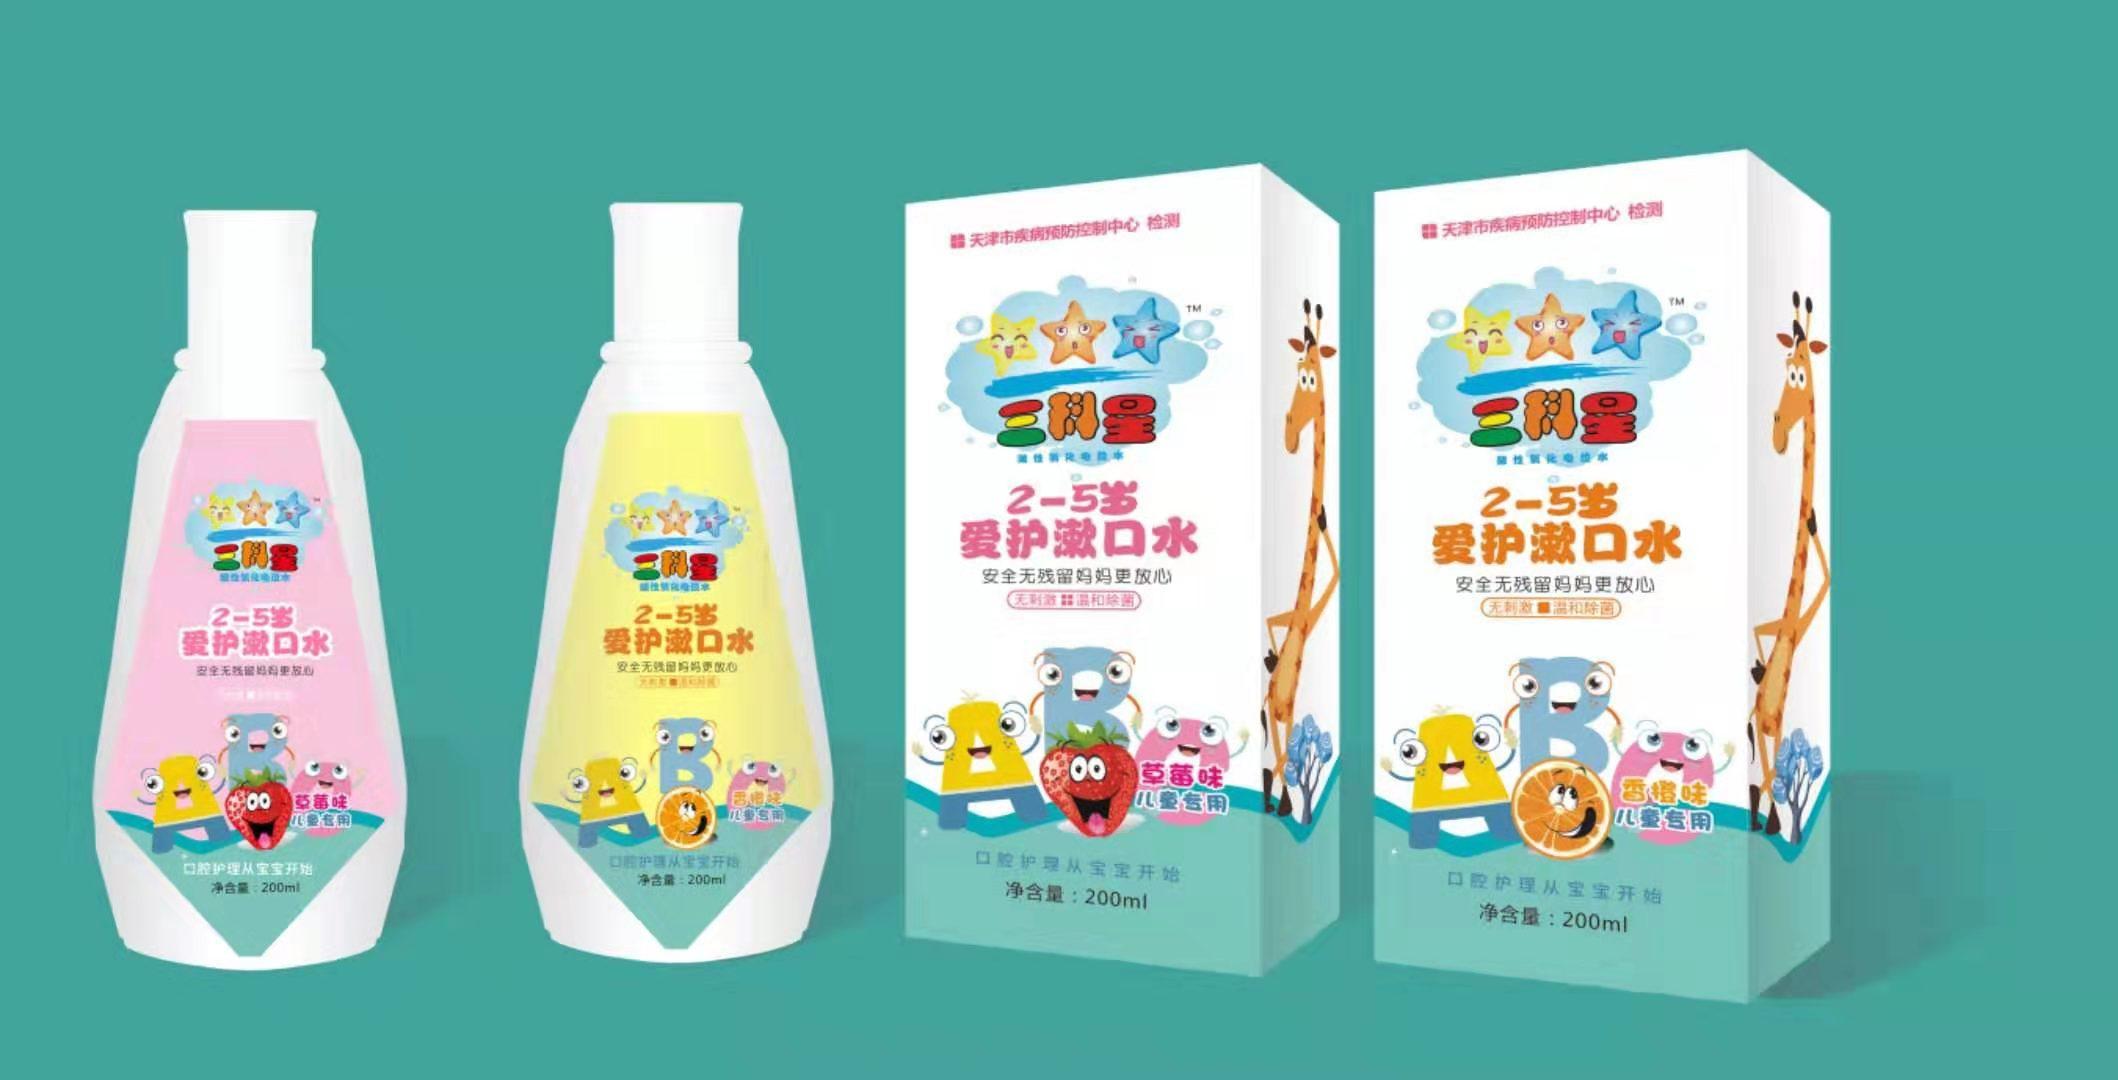 三科星爱护漱口水厂家-郑州供应有品质的三科星爱护漱口水